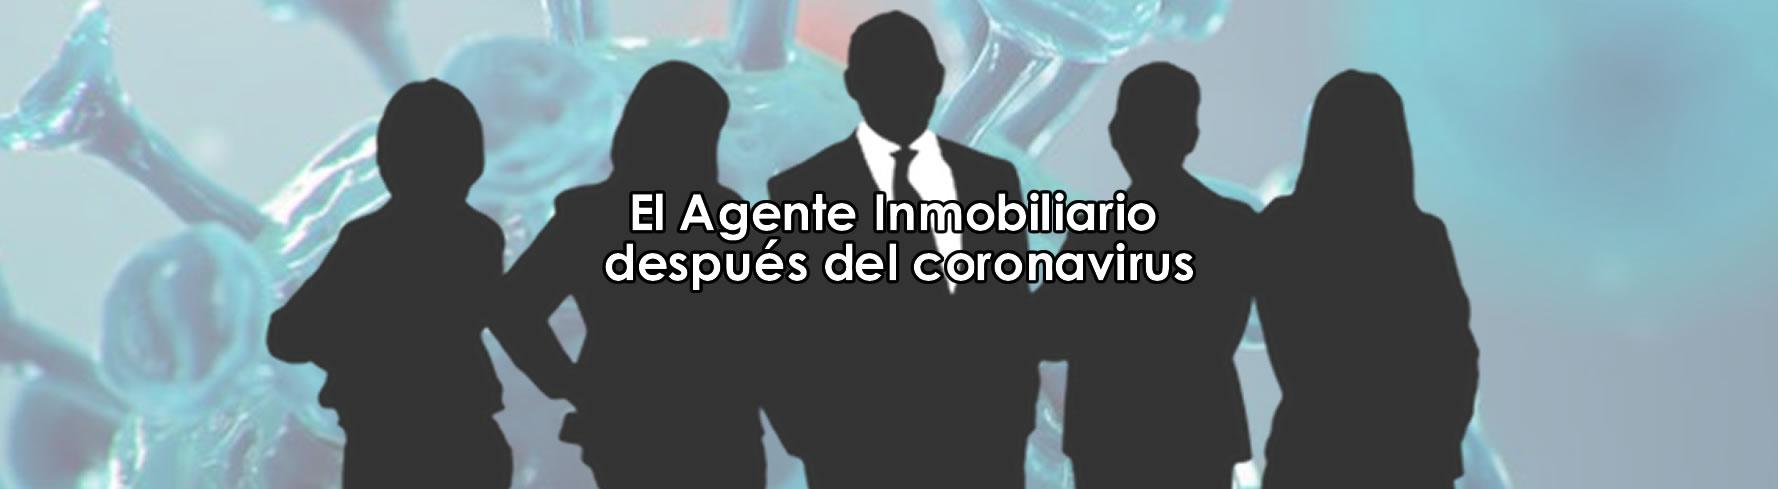 El Agente Inmobiliario después del Coronavirus